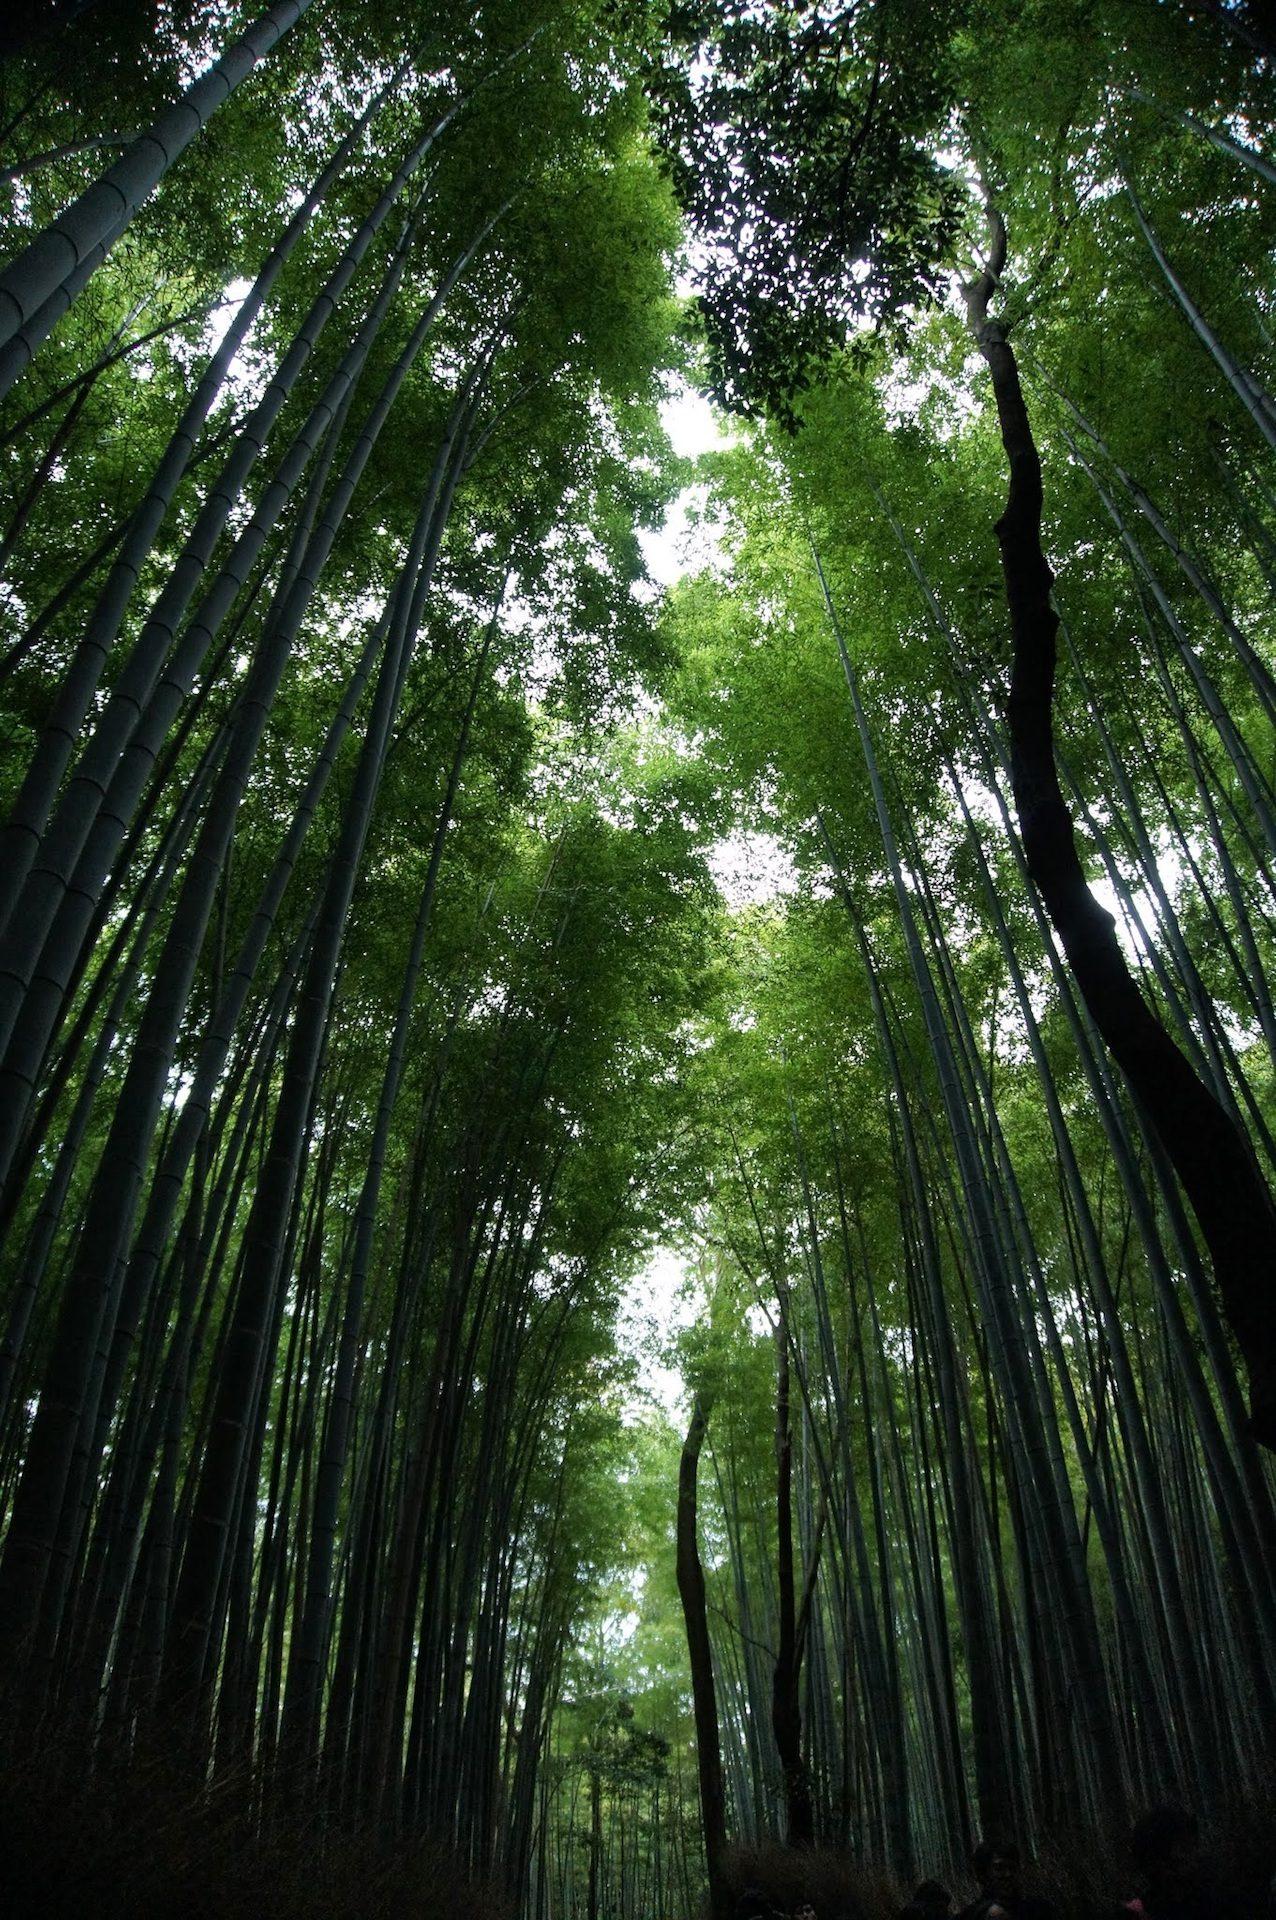 floresta, Plantation, bambu, árvores, exuberante, folhagem - Papéis de parede HD - Professor-falken.com